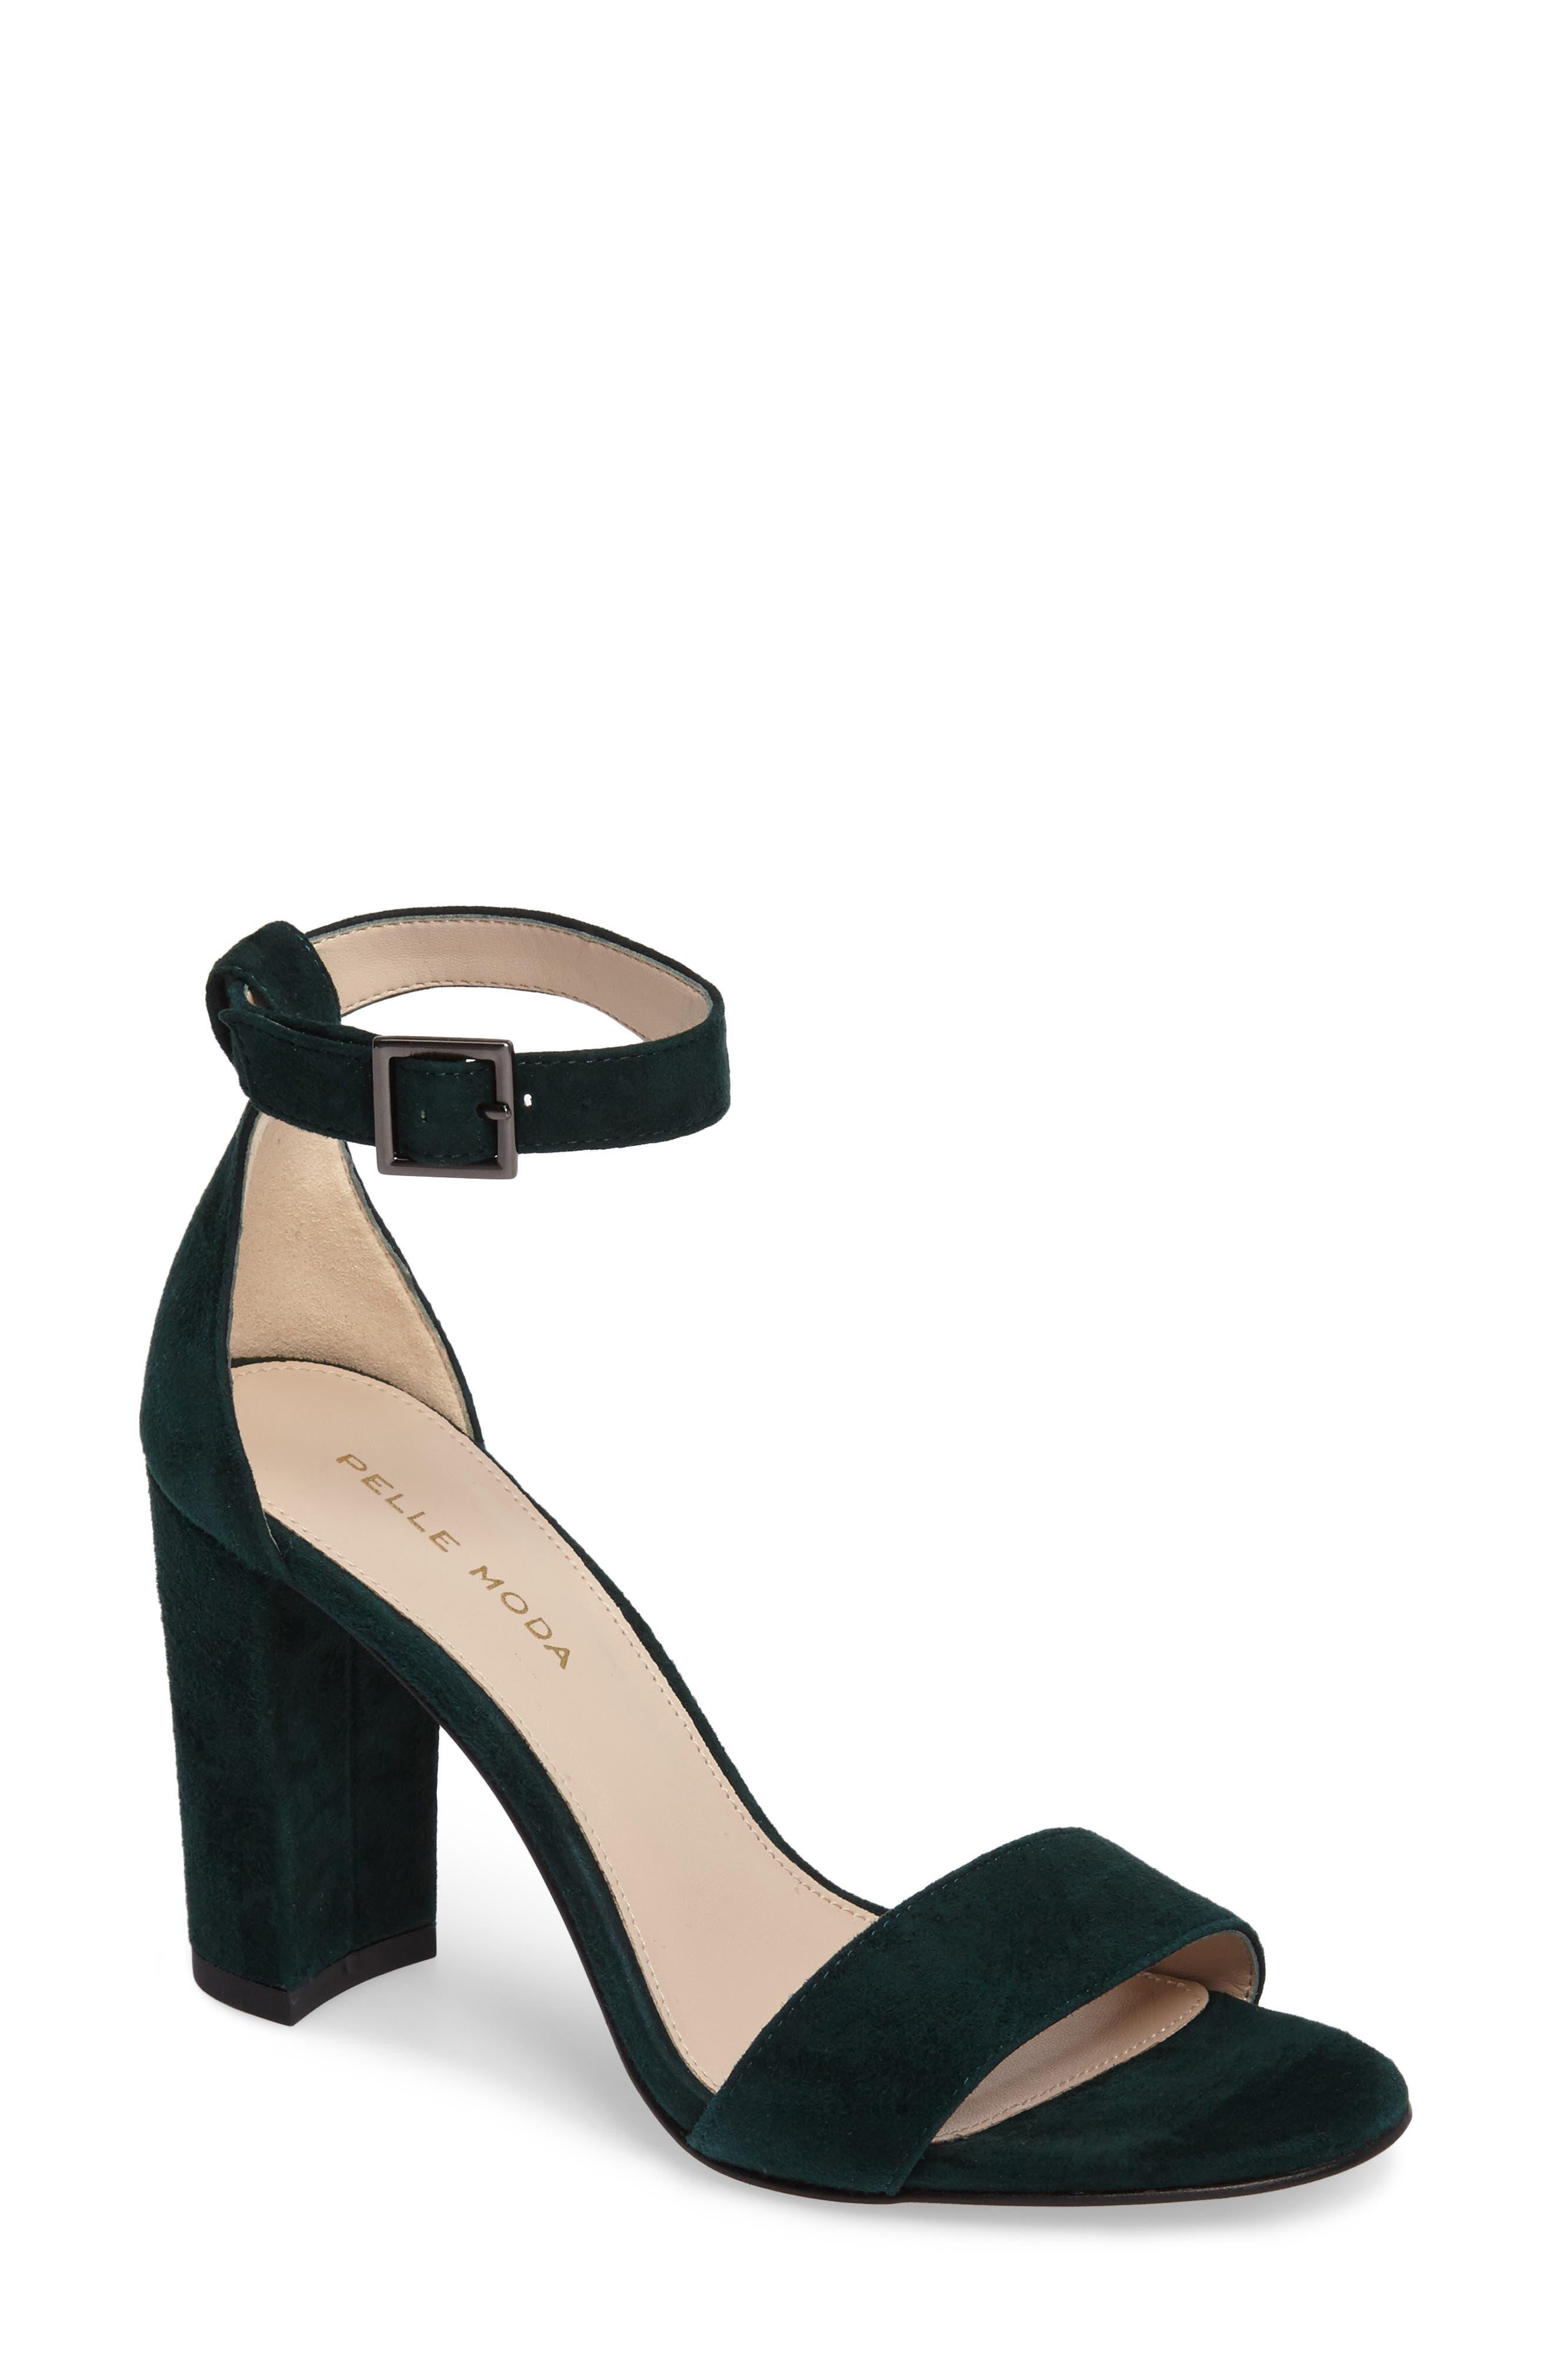 Bonnie Ankle Strap Sandal,                             Main thumbnail 1, color,                             Forest Leather